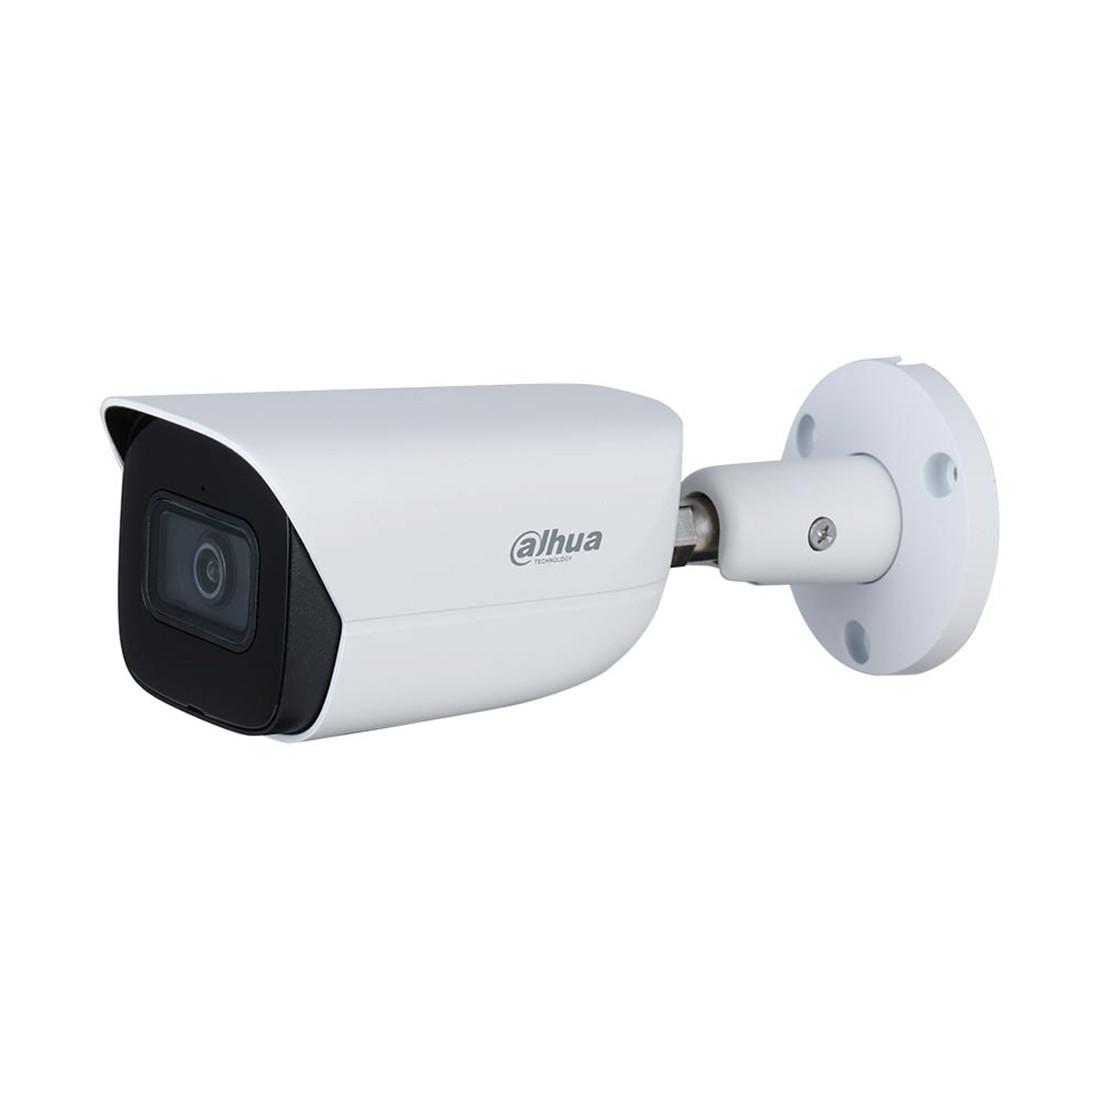 Dahua DH-IPC-HFW3441EP-SA-0280B Цилиндрическая видеокамера 4.0 МП, Функция день/ночь, PoE (802.3af)